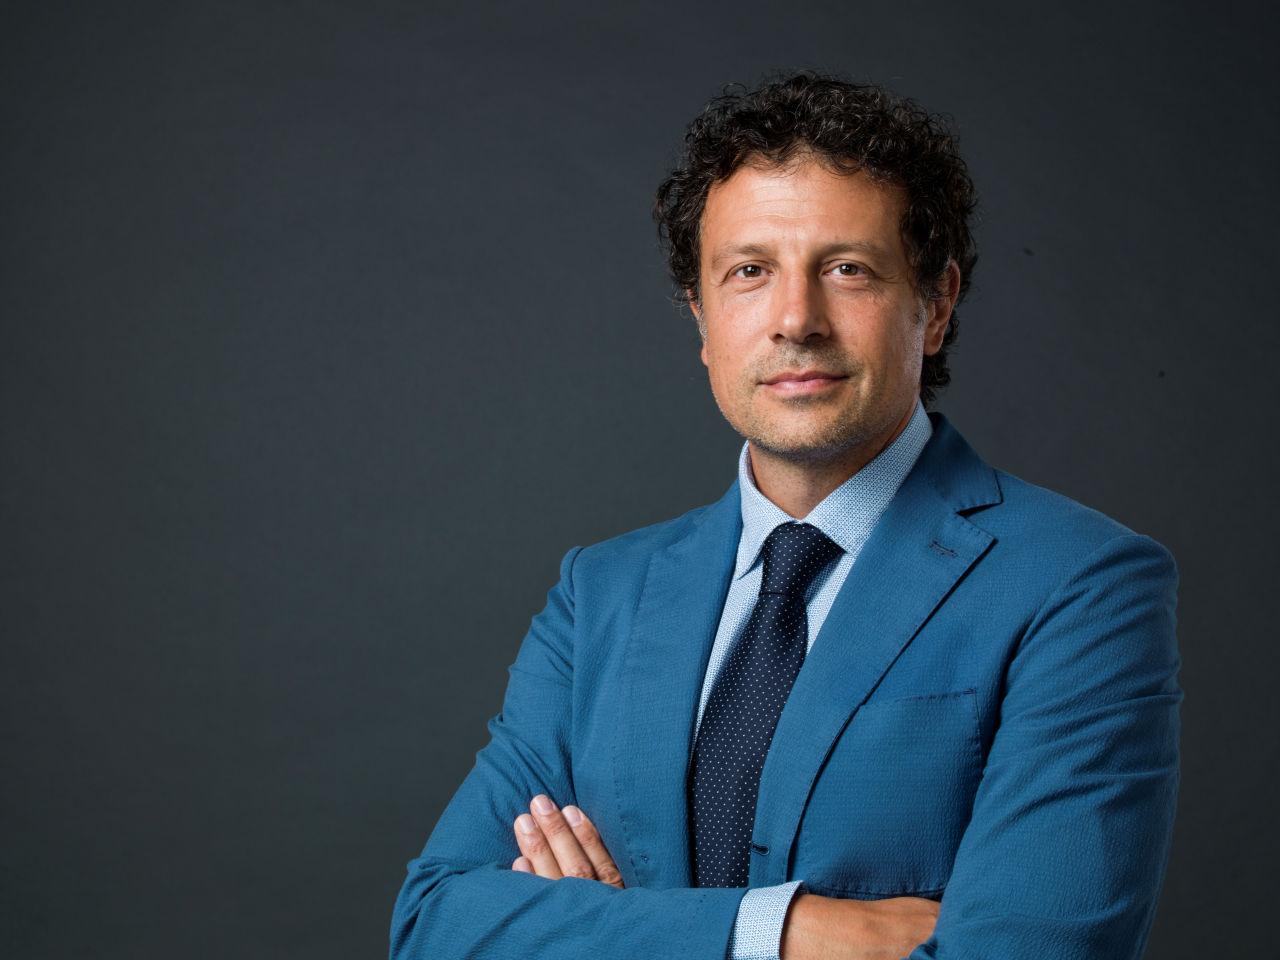 Marino Matteo